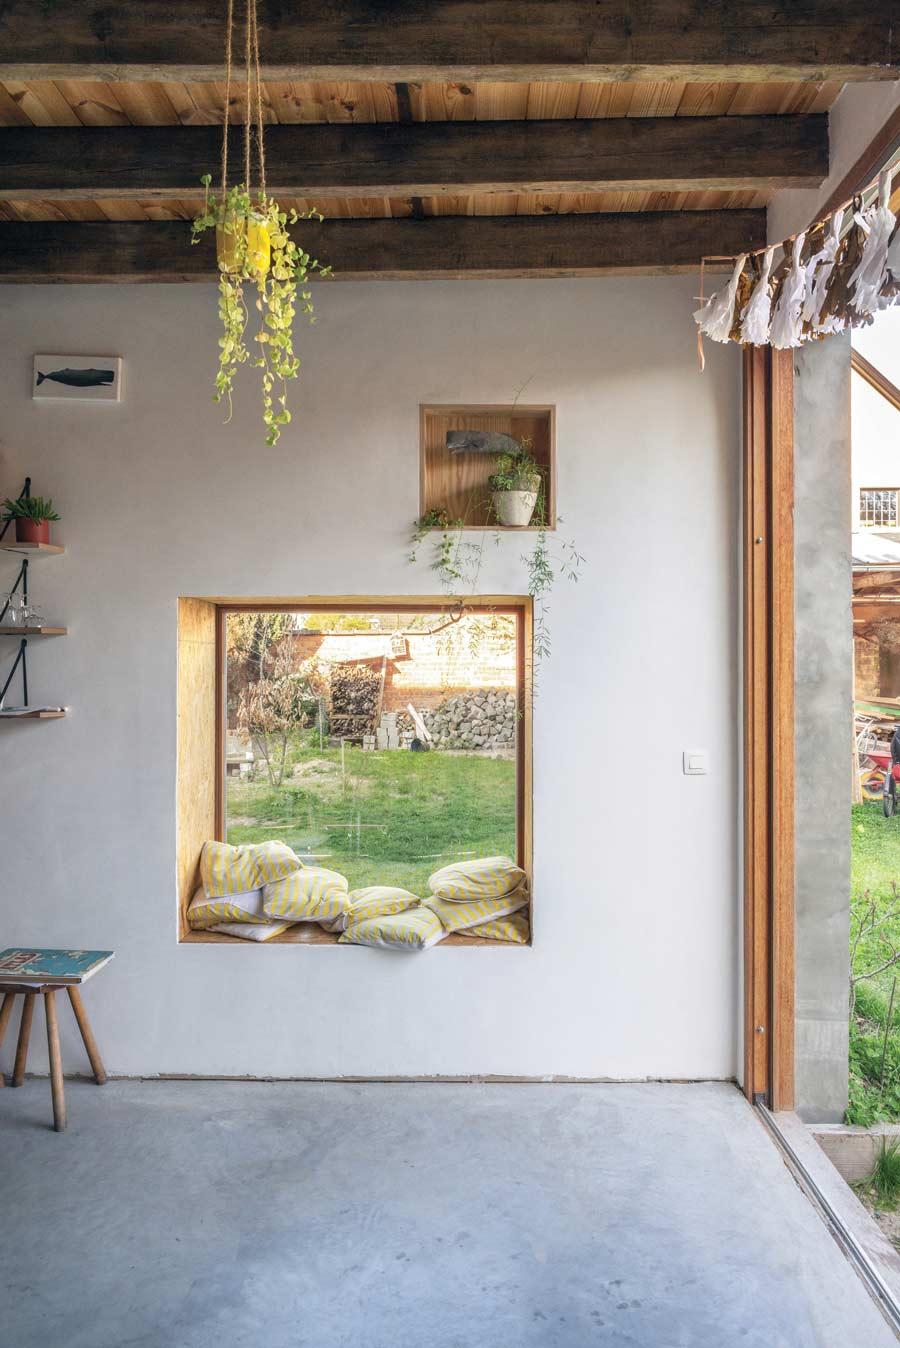 focus-archi-magazine-architecture-OUEST-PSG-DelphineMathy-zoom-fenetre.jpg